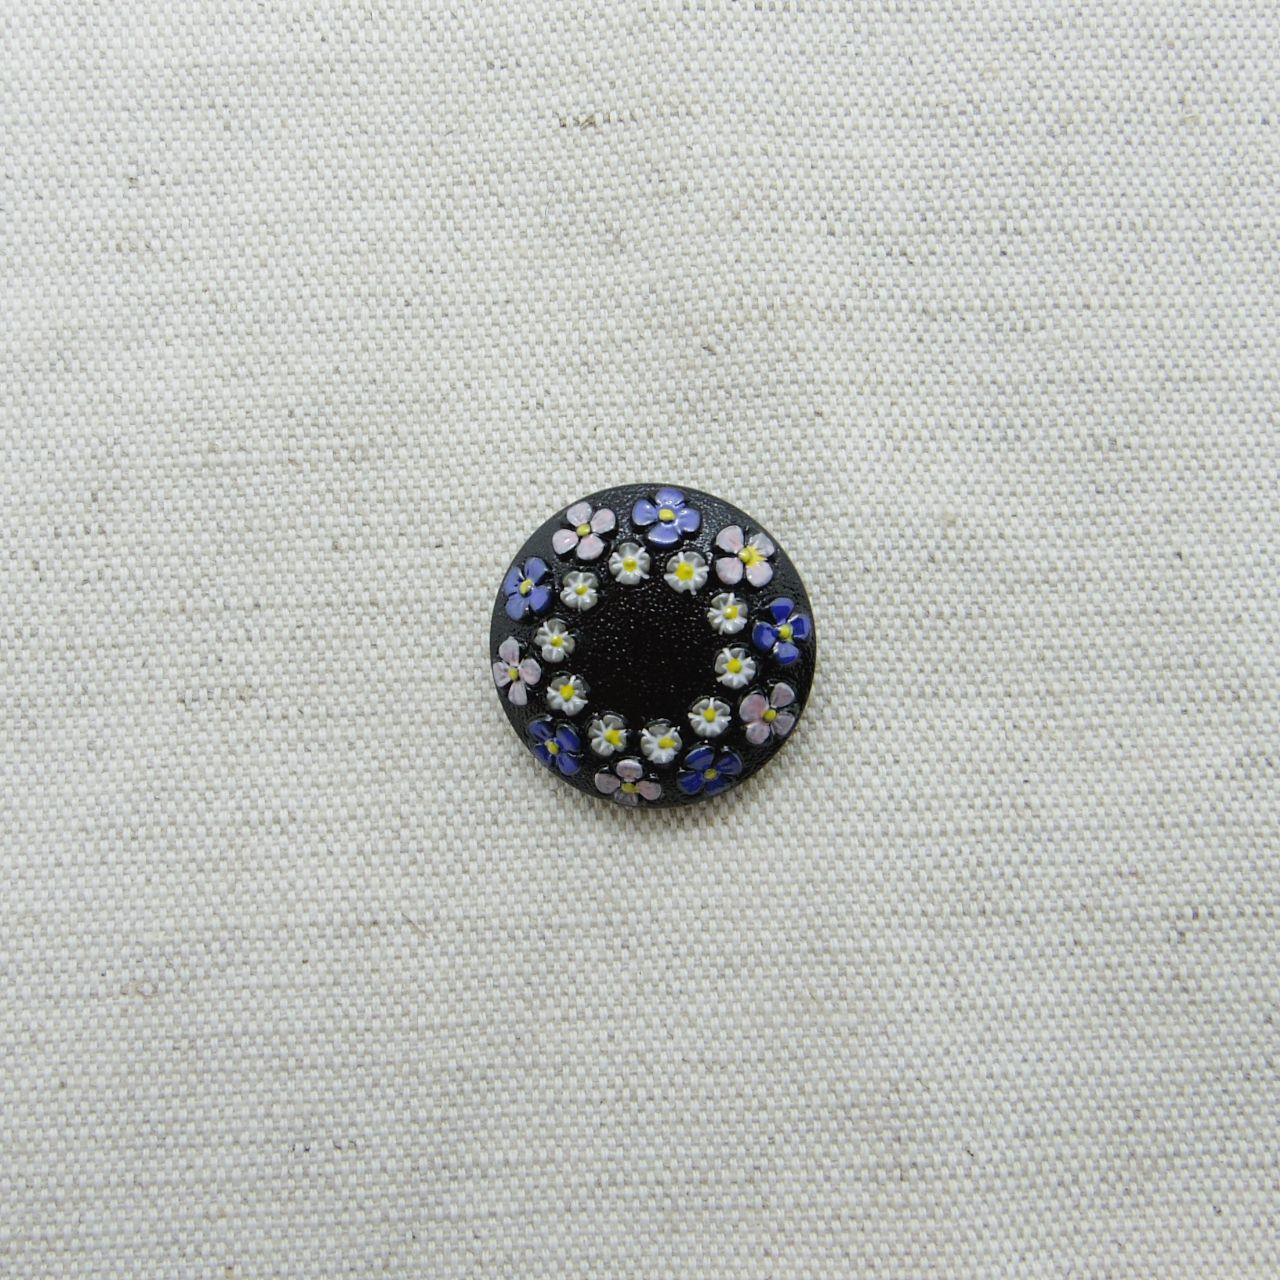 【チェコガラスボタン】2連の花冠・ブラック×ピンク紫 ::: 中2.3cm